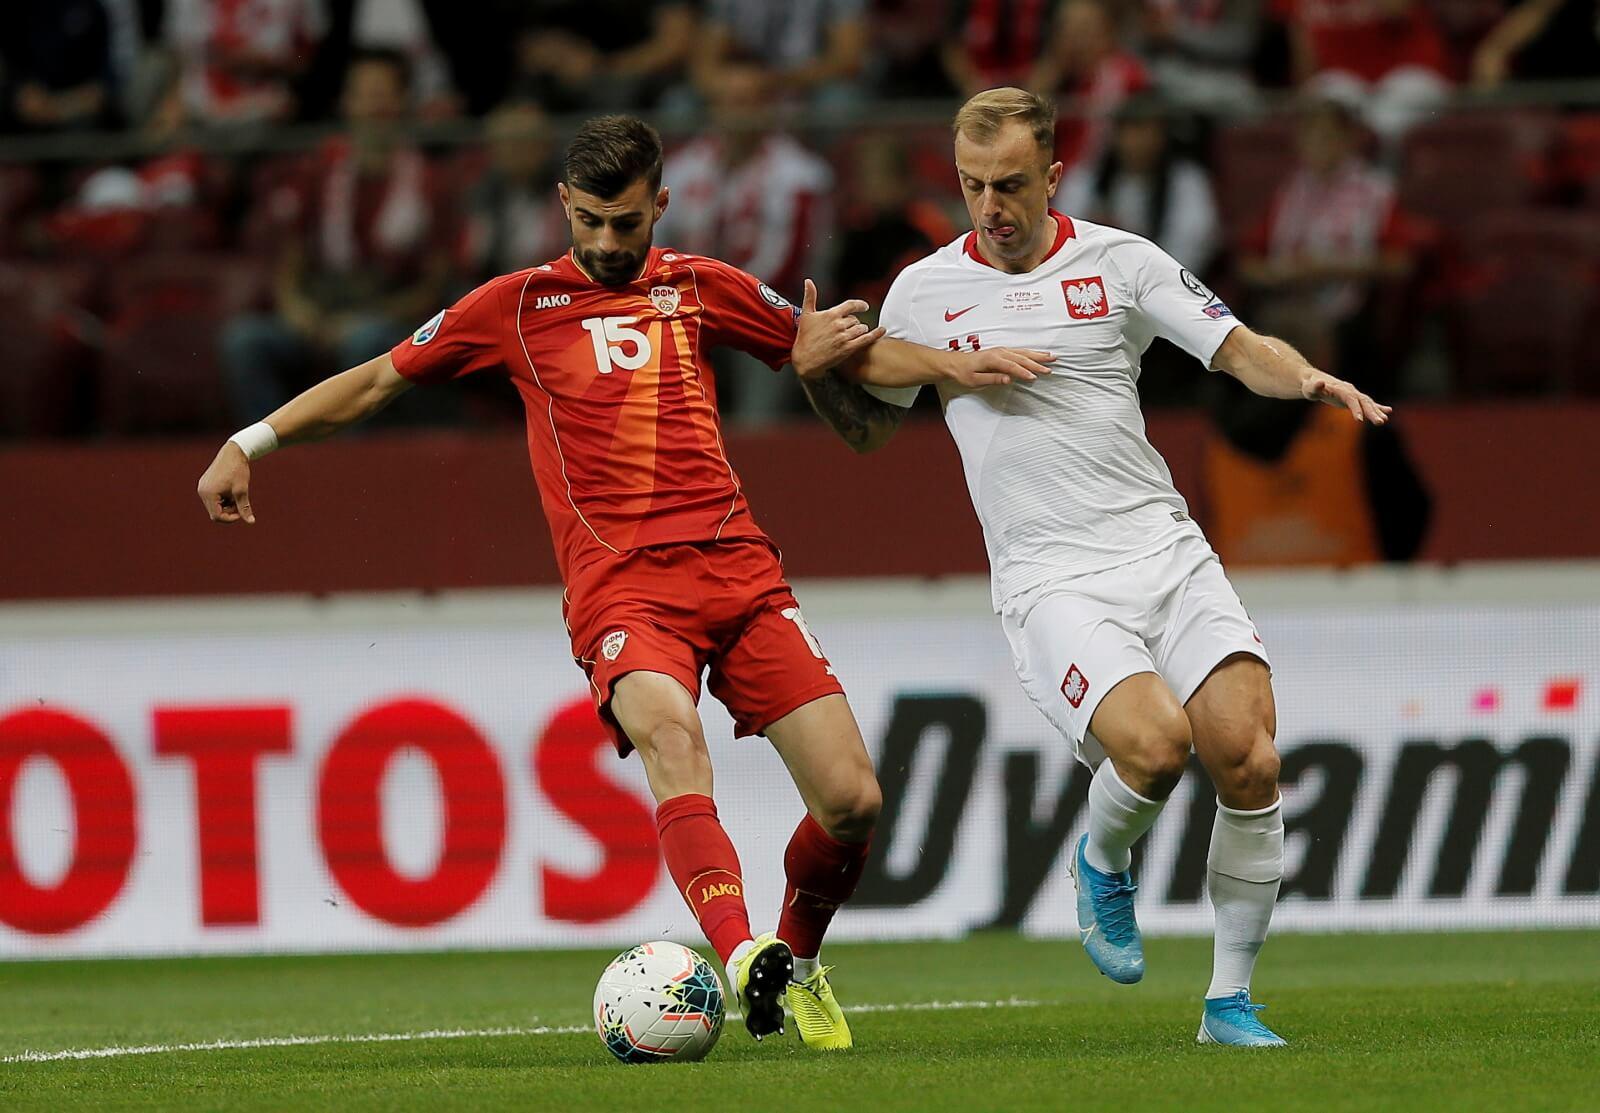 Mecz Polska - Macedonia Północna fot. PAP/Leszek Szymański